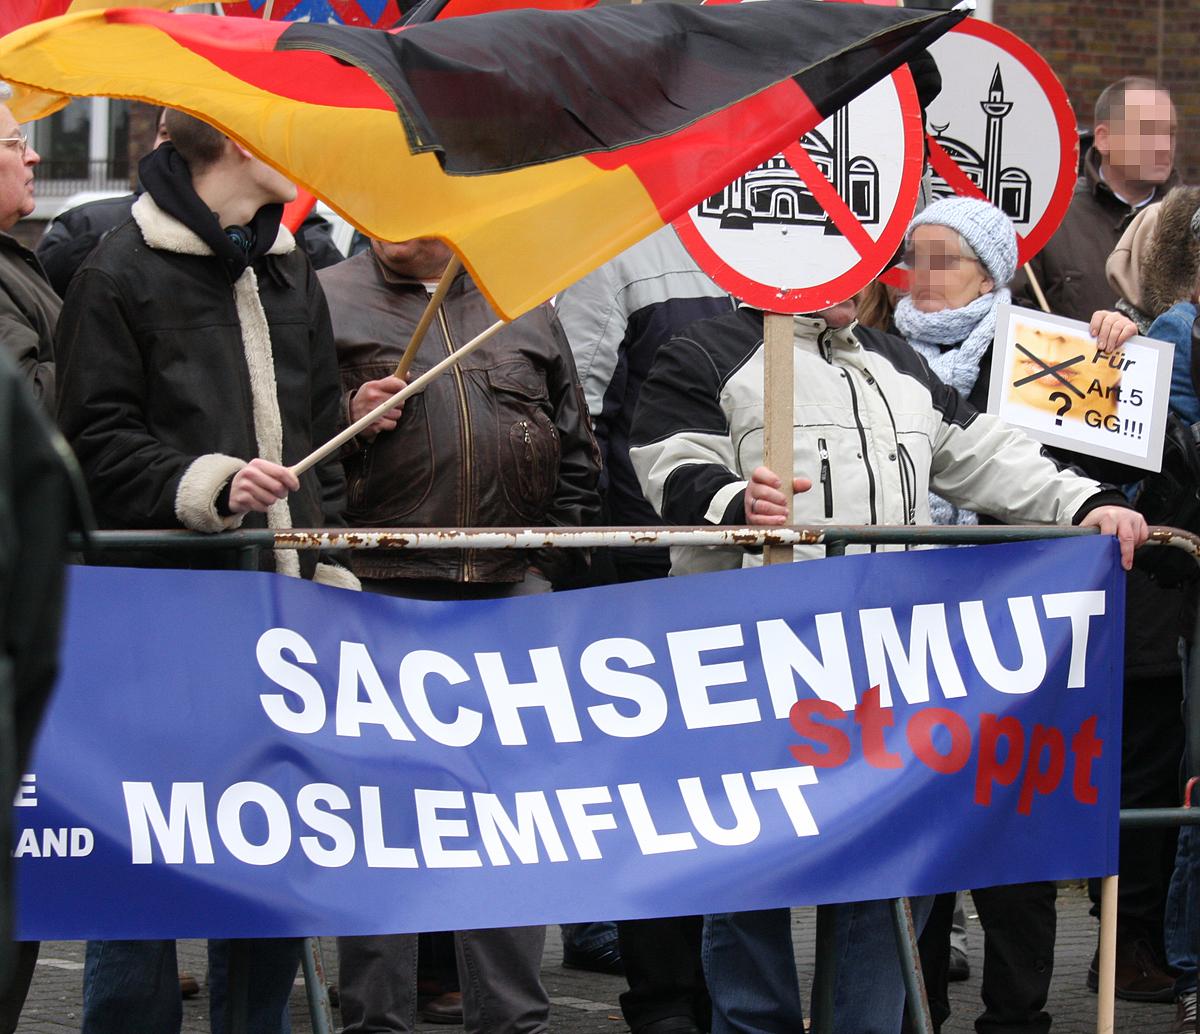 arbeit_familie_vaterland_transparent_sachsenmut_stoppt_moslemflut